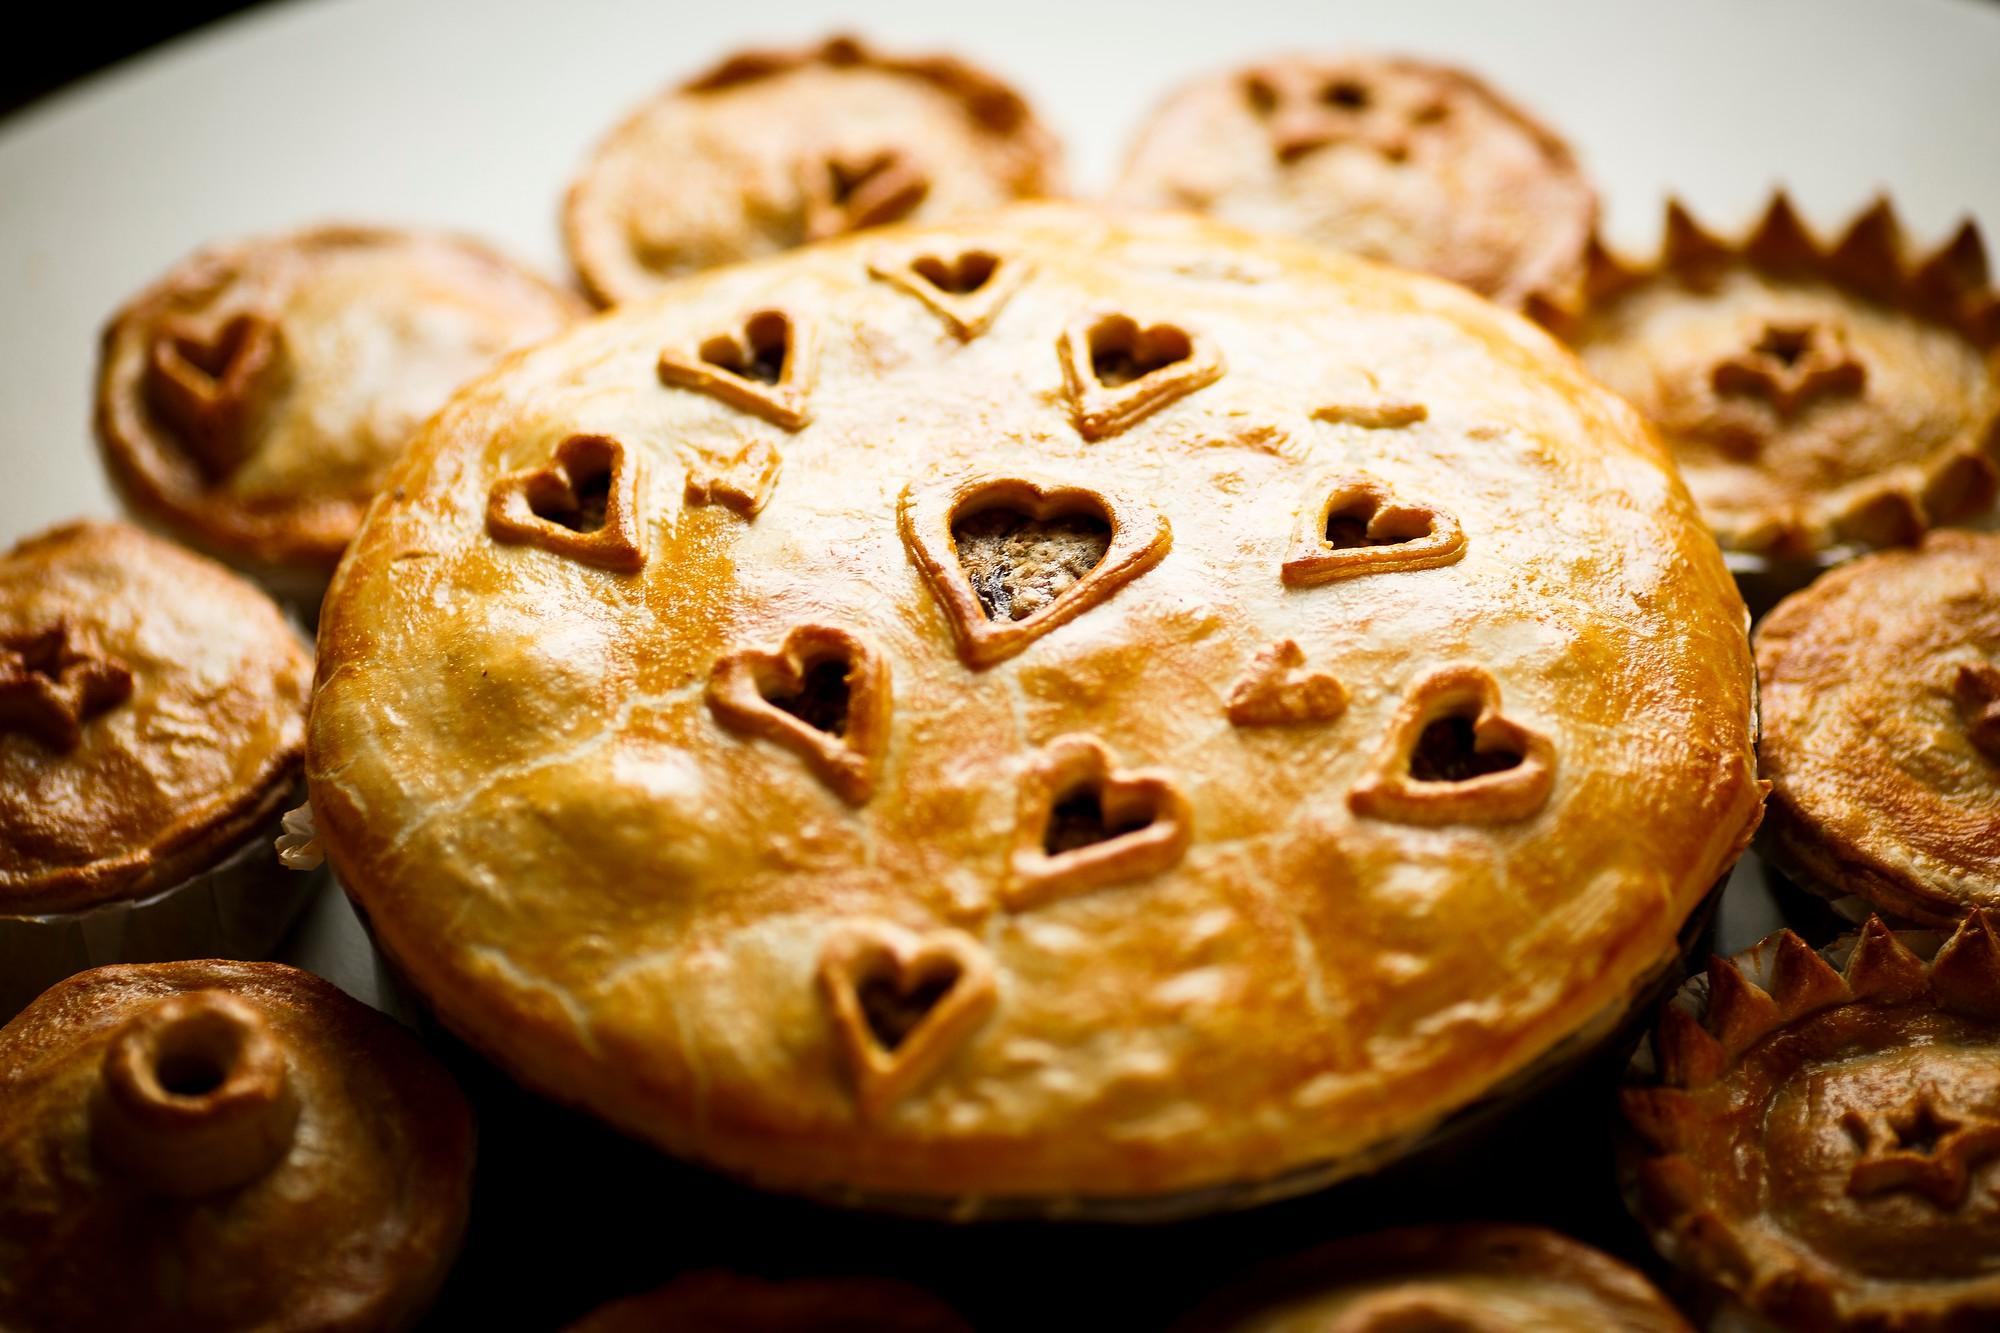 bens pies_150654.JPG